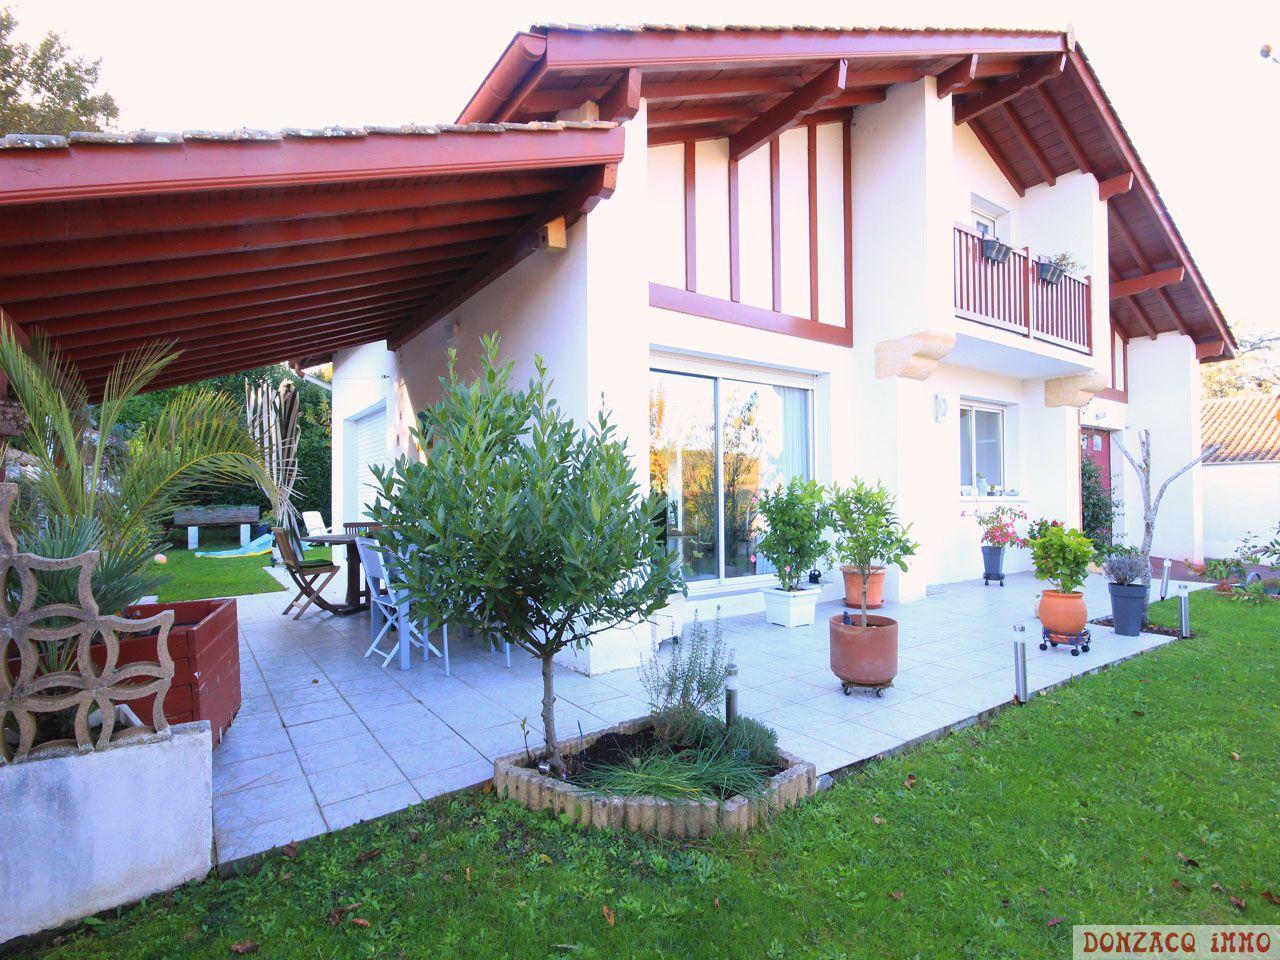 bayonne maison r cente de 4 chambres de 120 m habitable immobilier donzacq immo. Black Bedroom Furniture Sets. Home Design Ideas